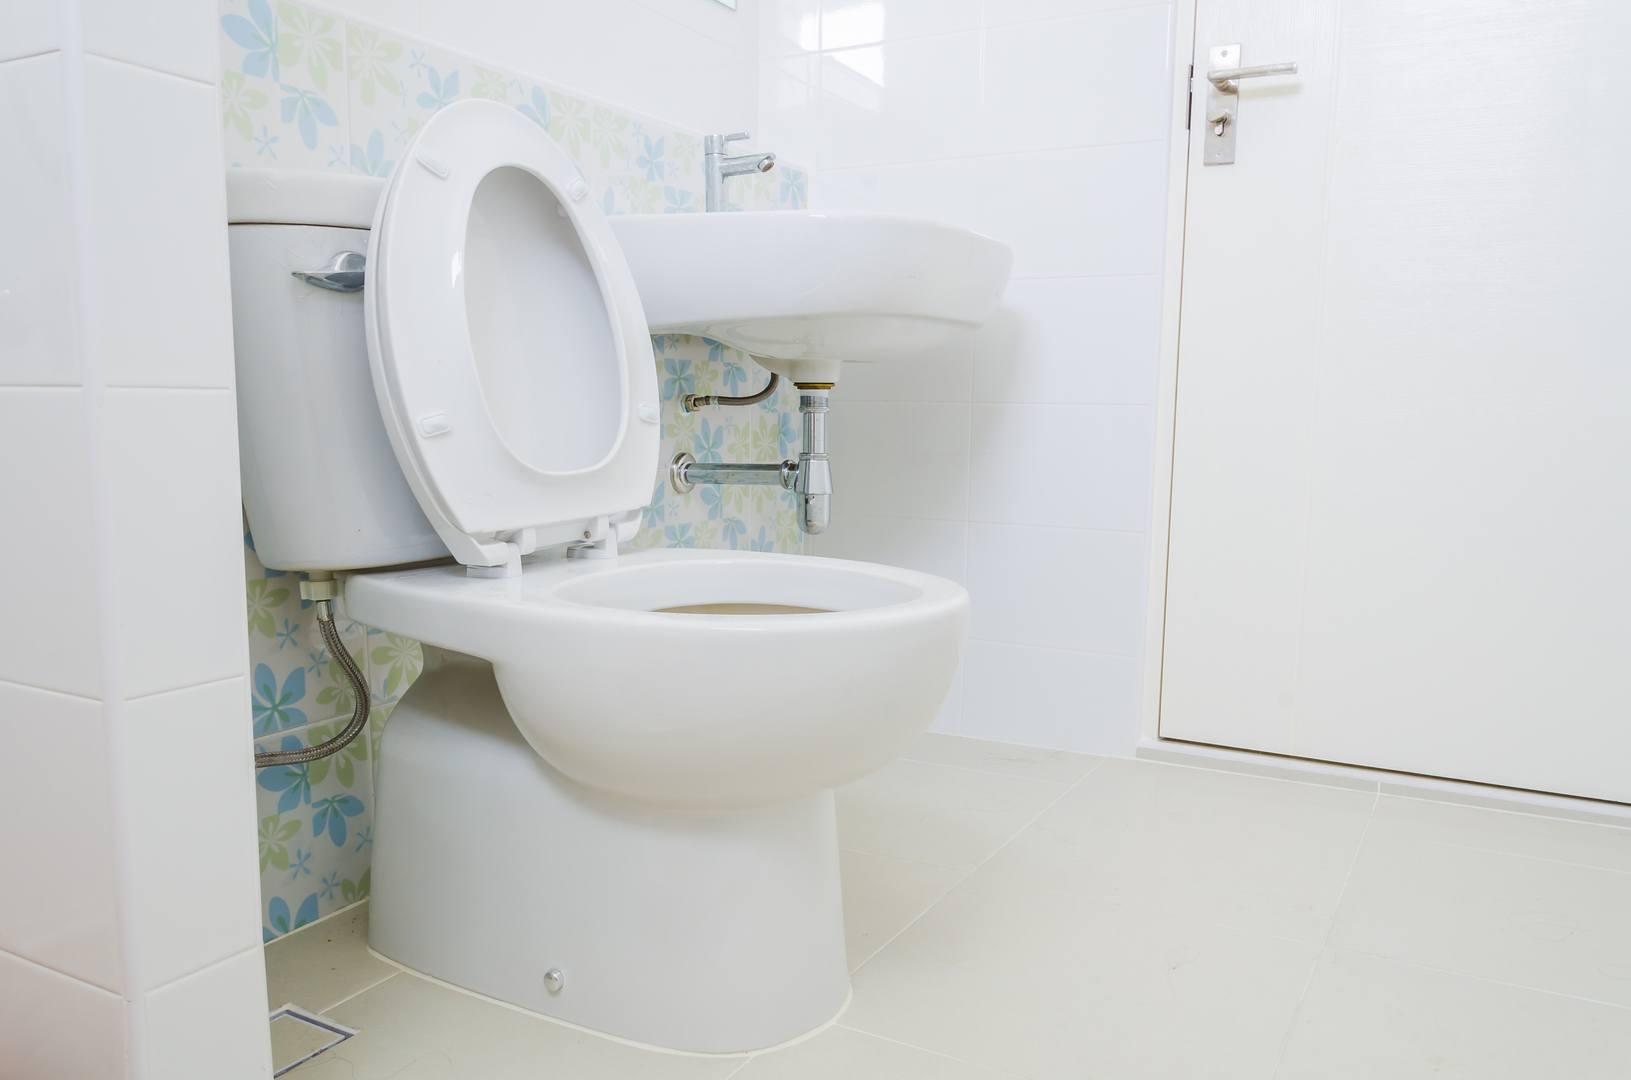 Toilets Repairs